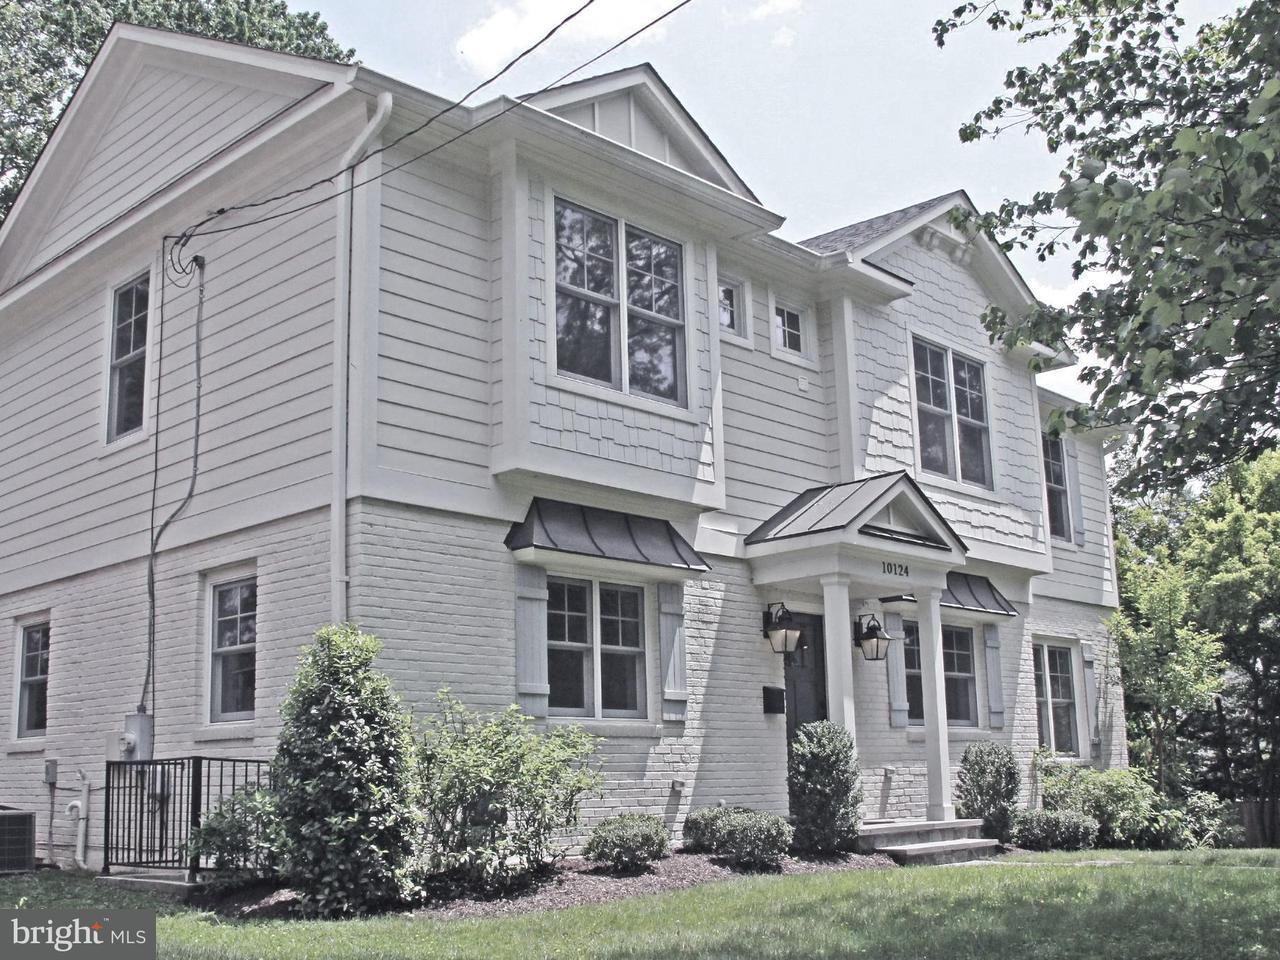 Einfamilienhaus für Verkauf beim 10124 Ashwood Drive 10124 Ashwood Drive Kensington, Maryland 20895 Vereinigte Staaten